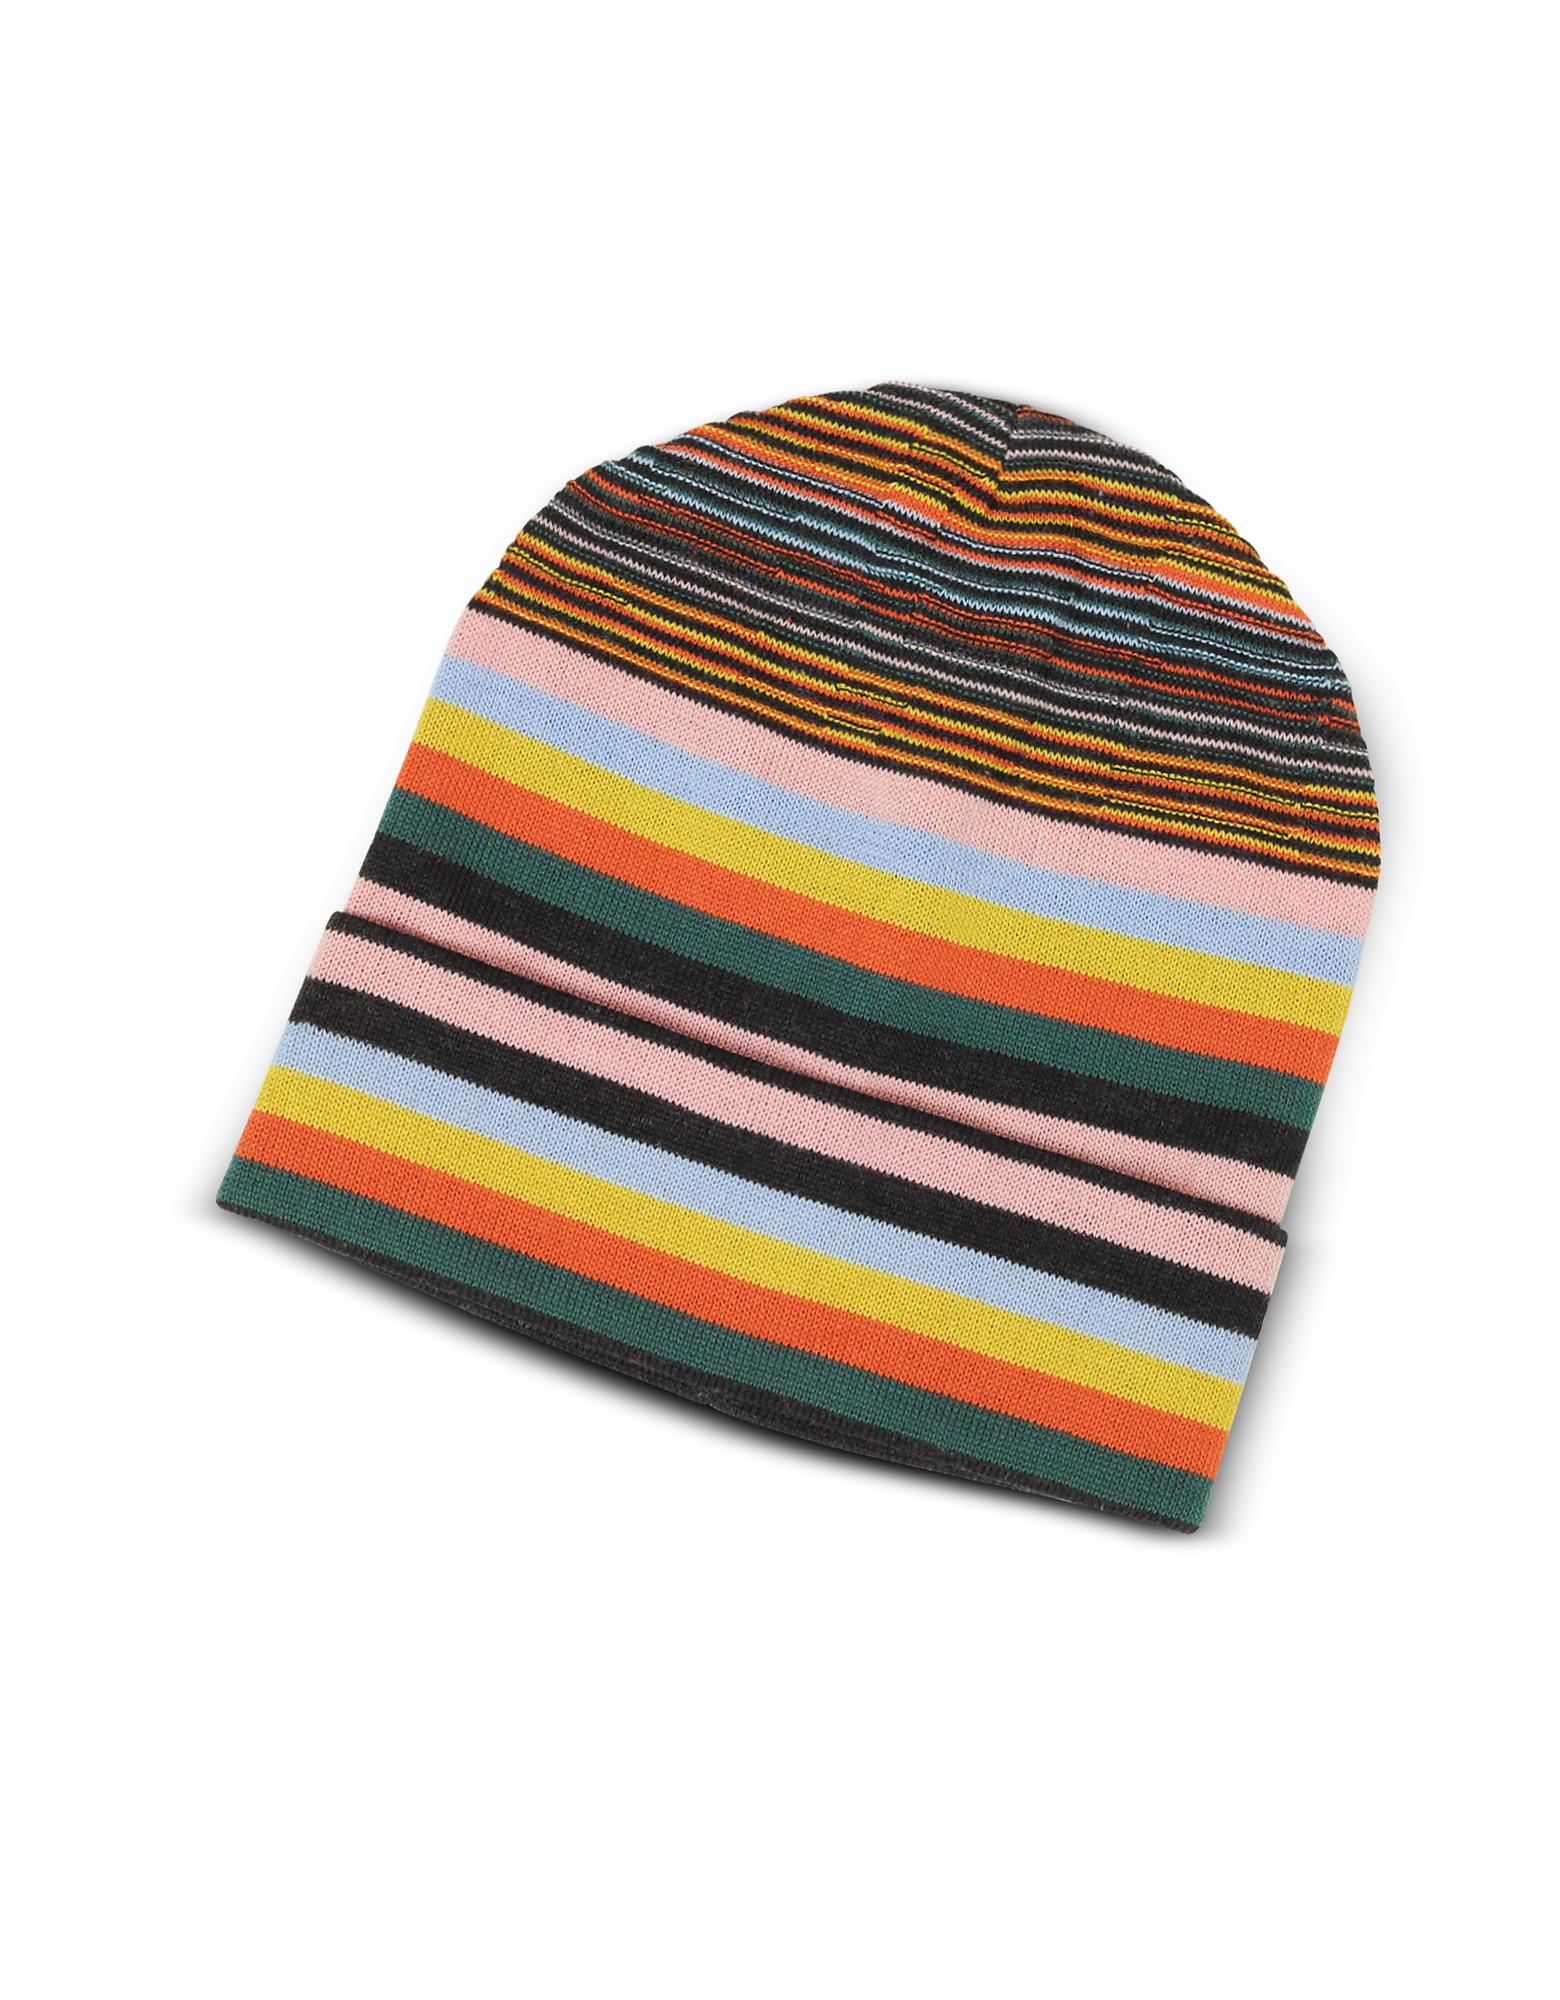 Image of Missoni Designer Men's Hats, Striped Wool Blend Men's Hat